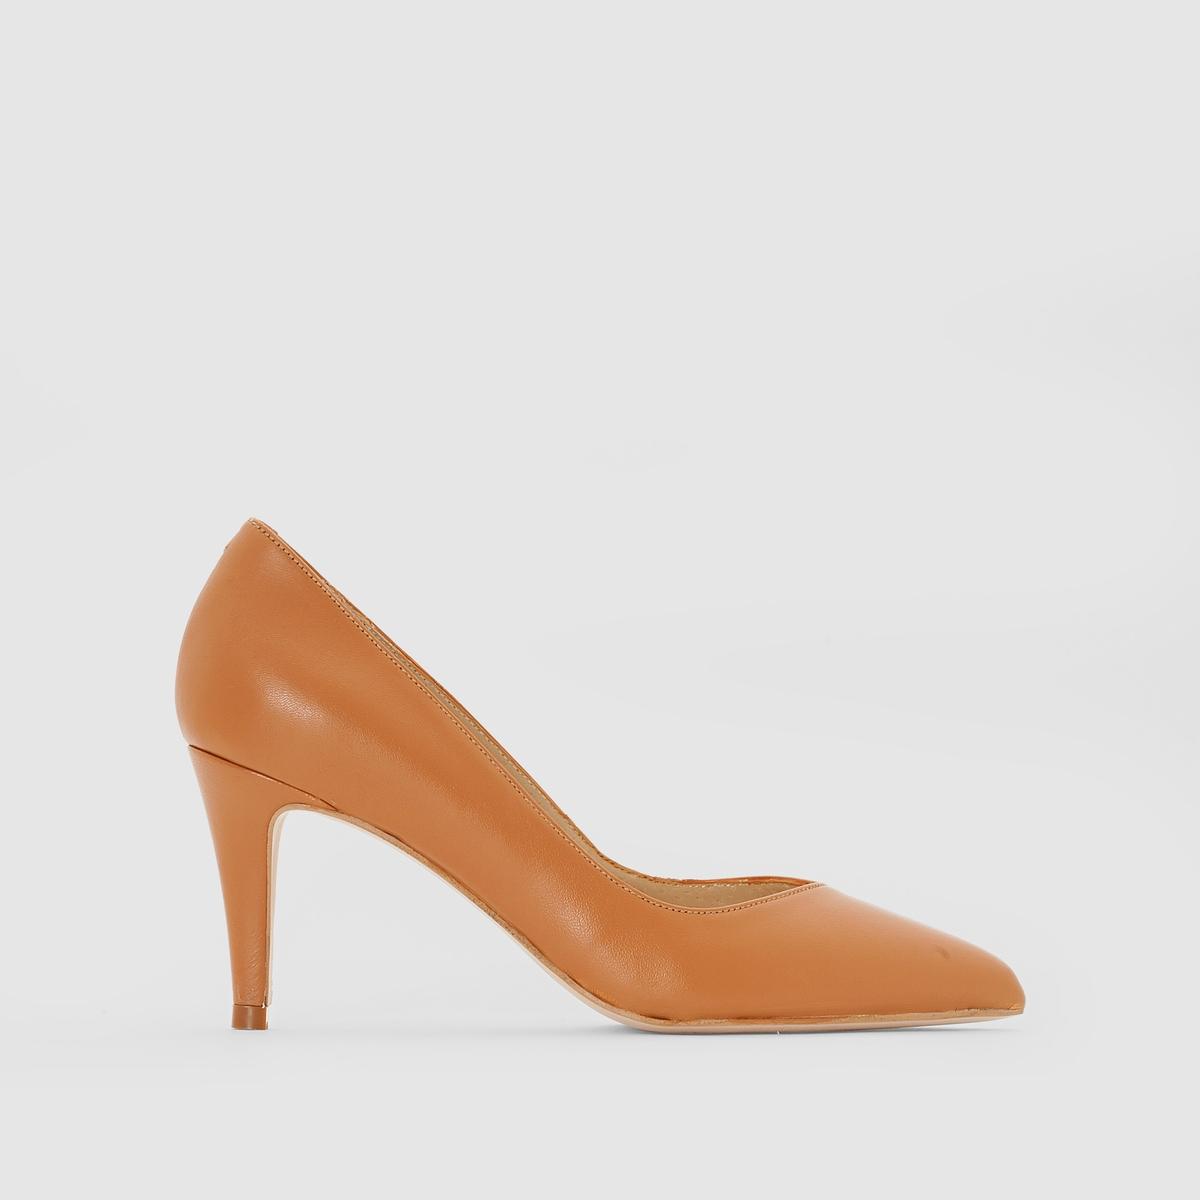 Туфли кожаные на каблуке, ALAINПодкладка: Кожа.Стелька: Кожа.  Подошва: Эластомер.       Форма каблука: Шпилька.Мысок: Острый.        Застежка: Без застежки.<br><br>Цвет: темно-бежевый<br>Размер: 40